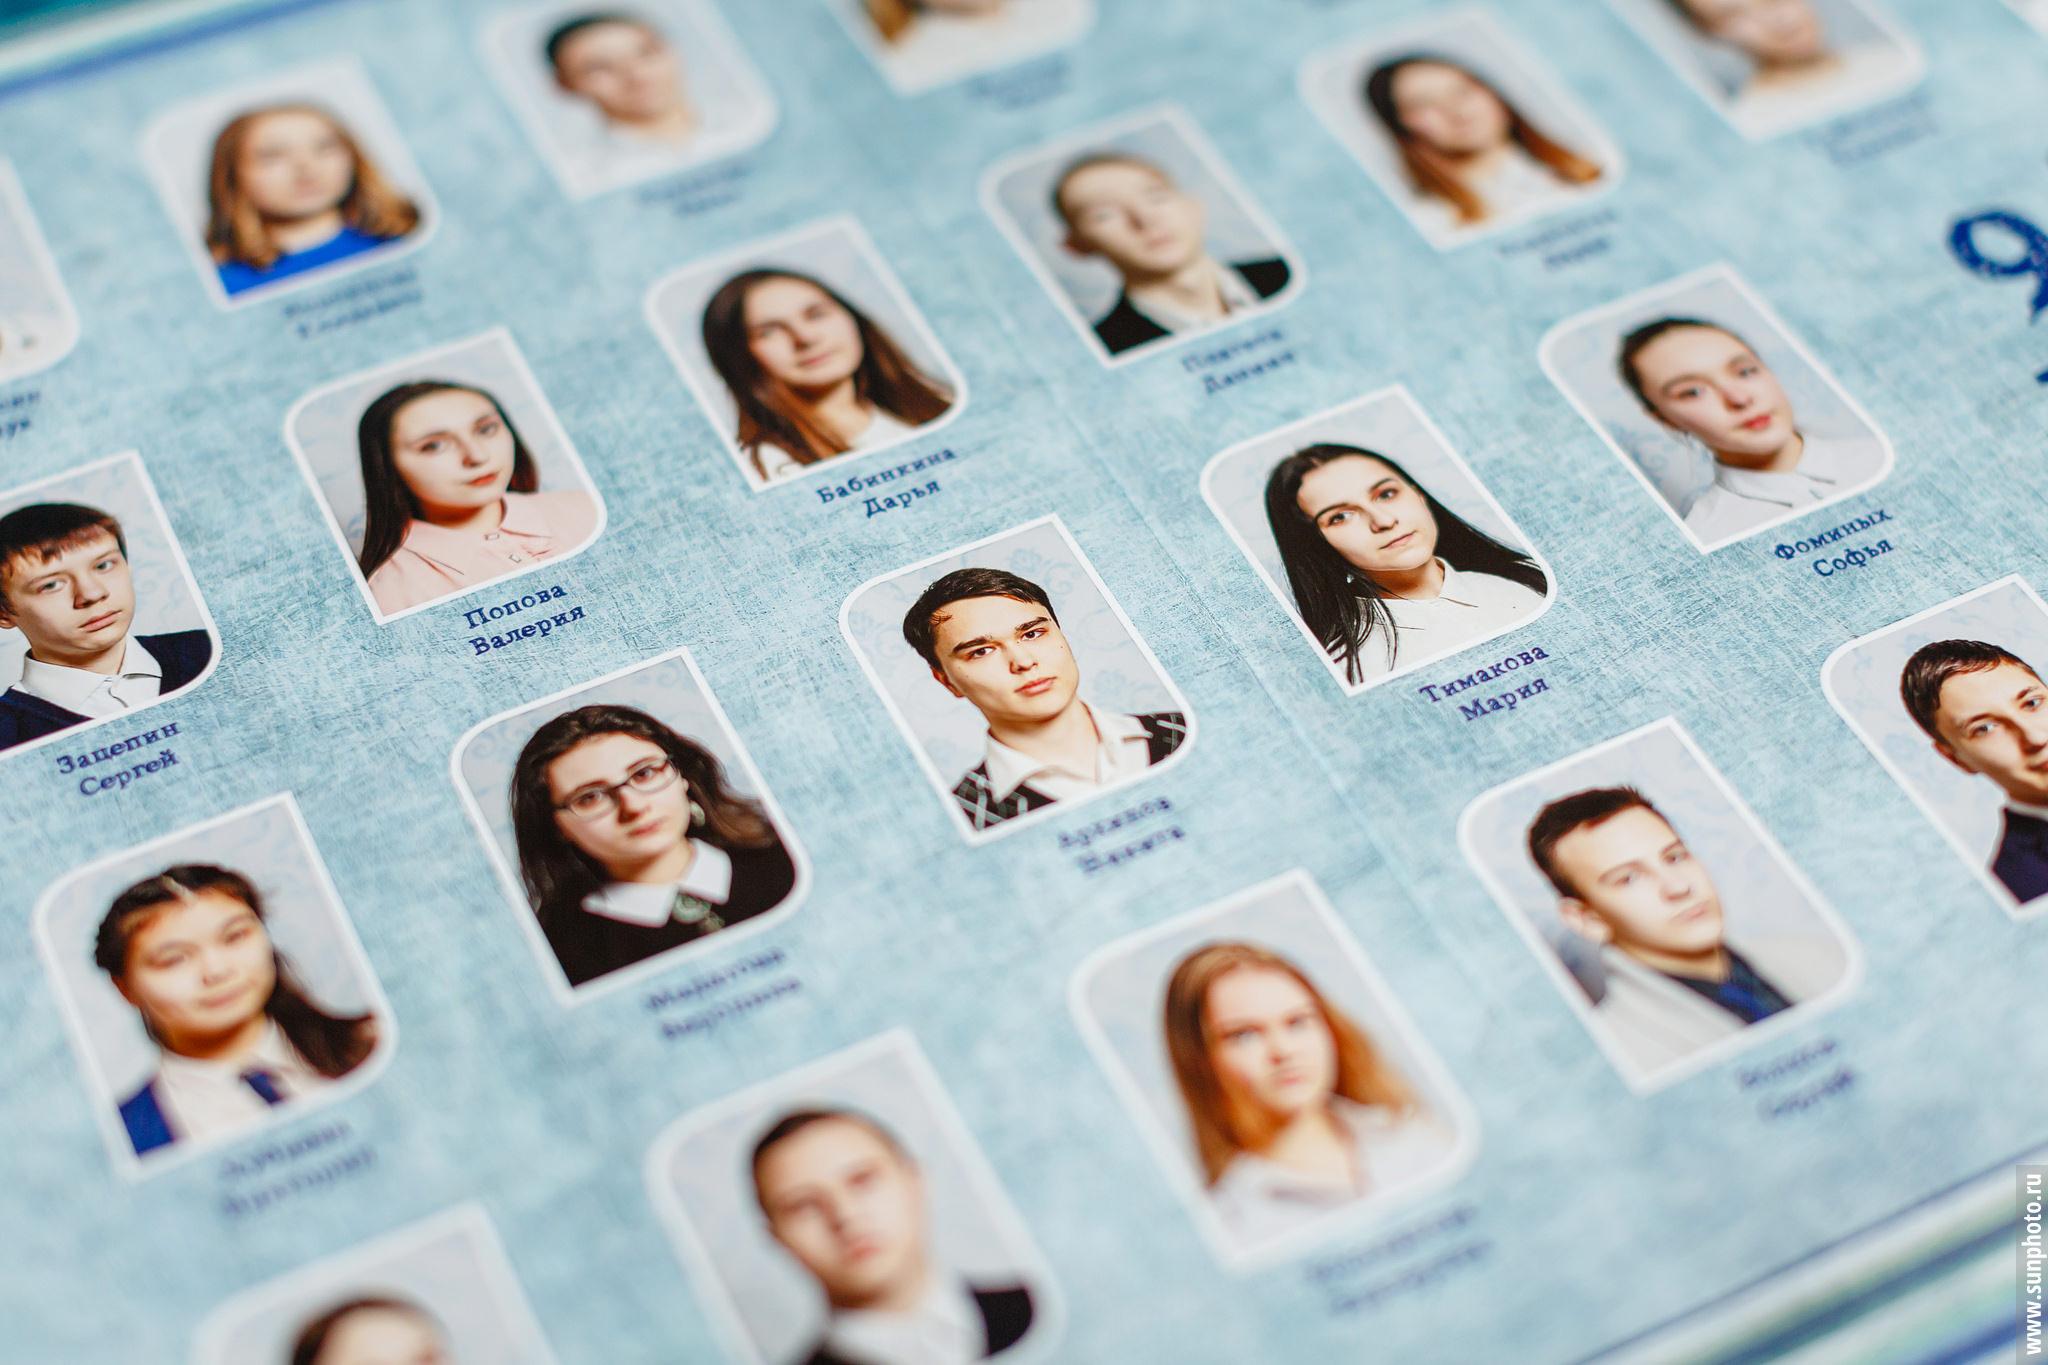 Пример разворота выпускного альбома с фотографиями и именами одноклассников